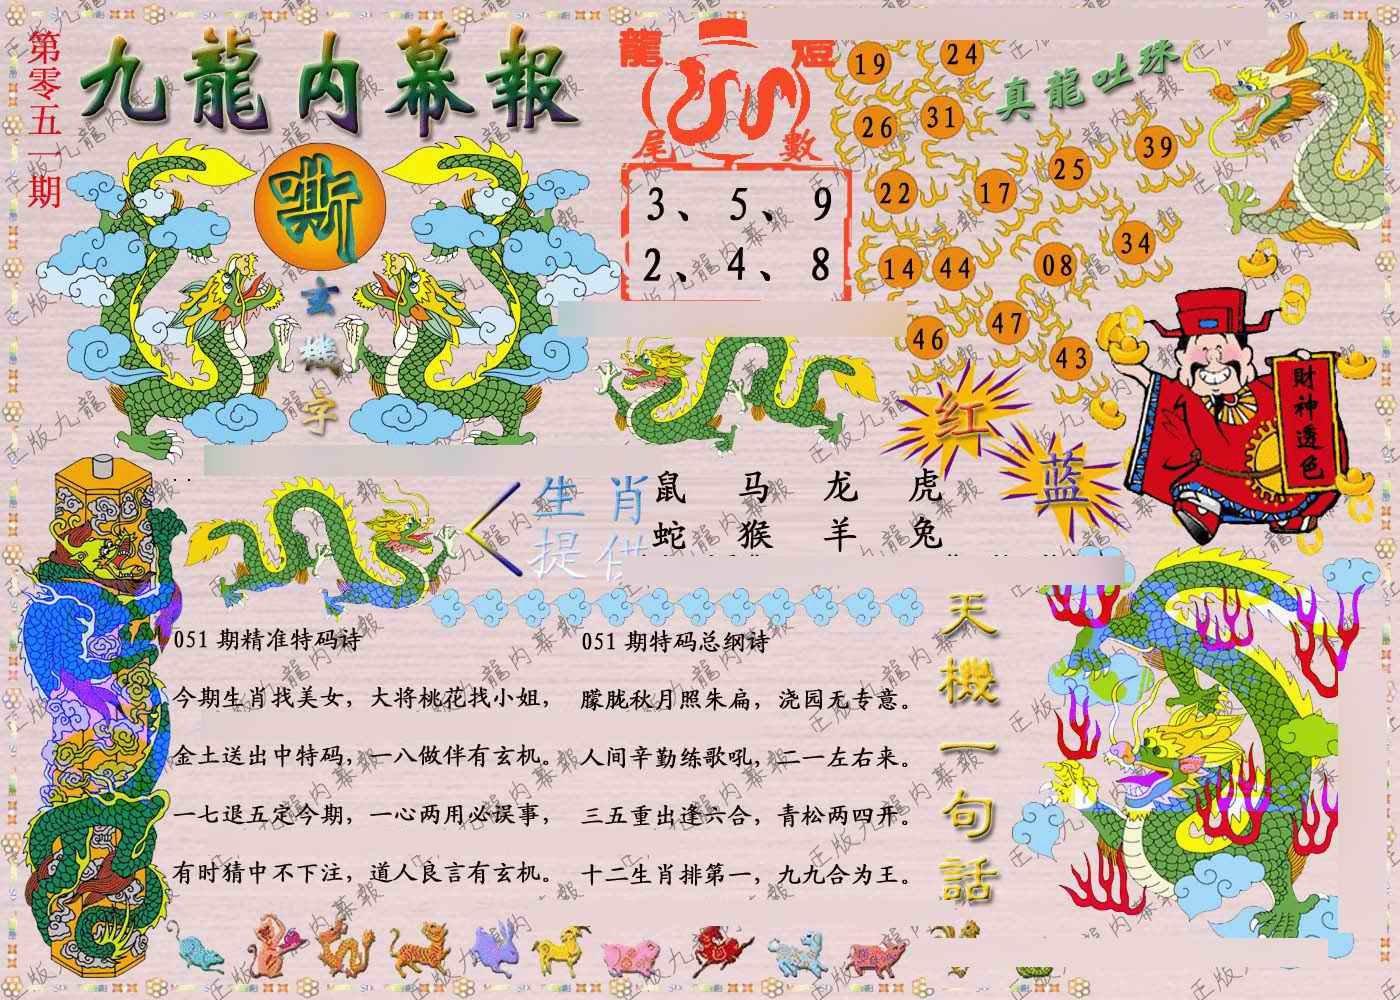 051期正版九龙内幕报